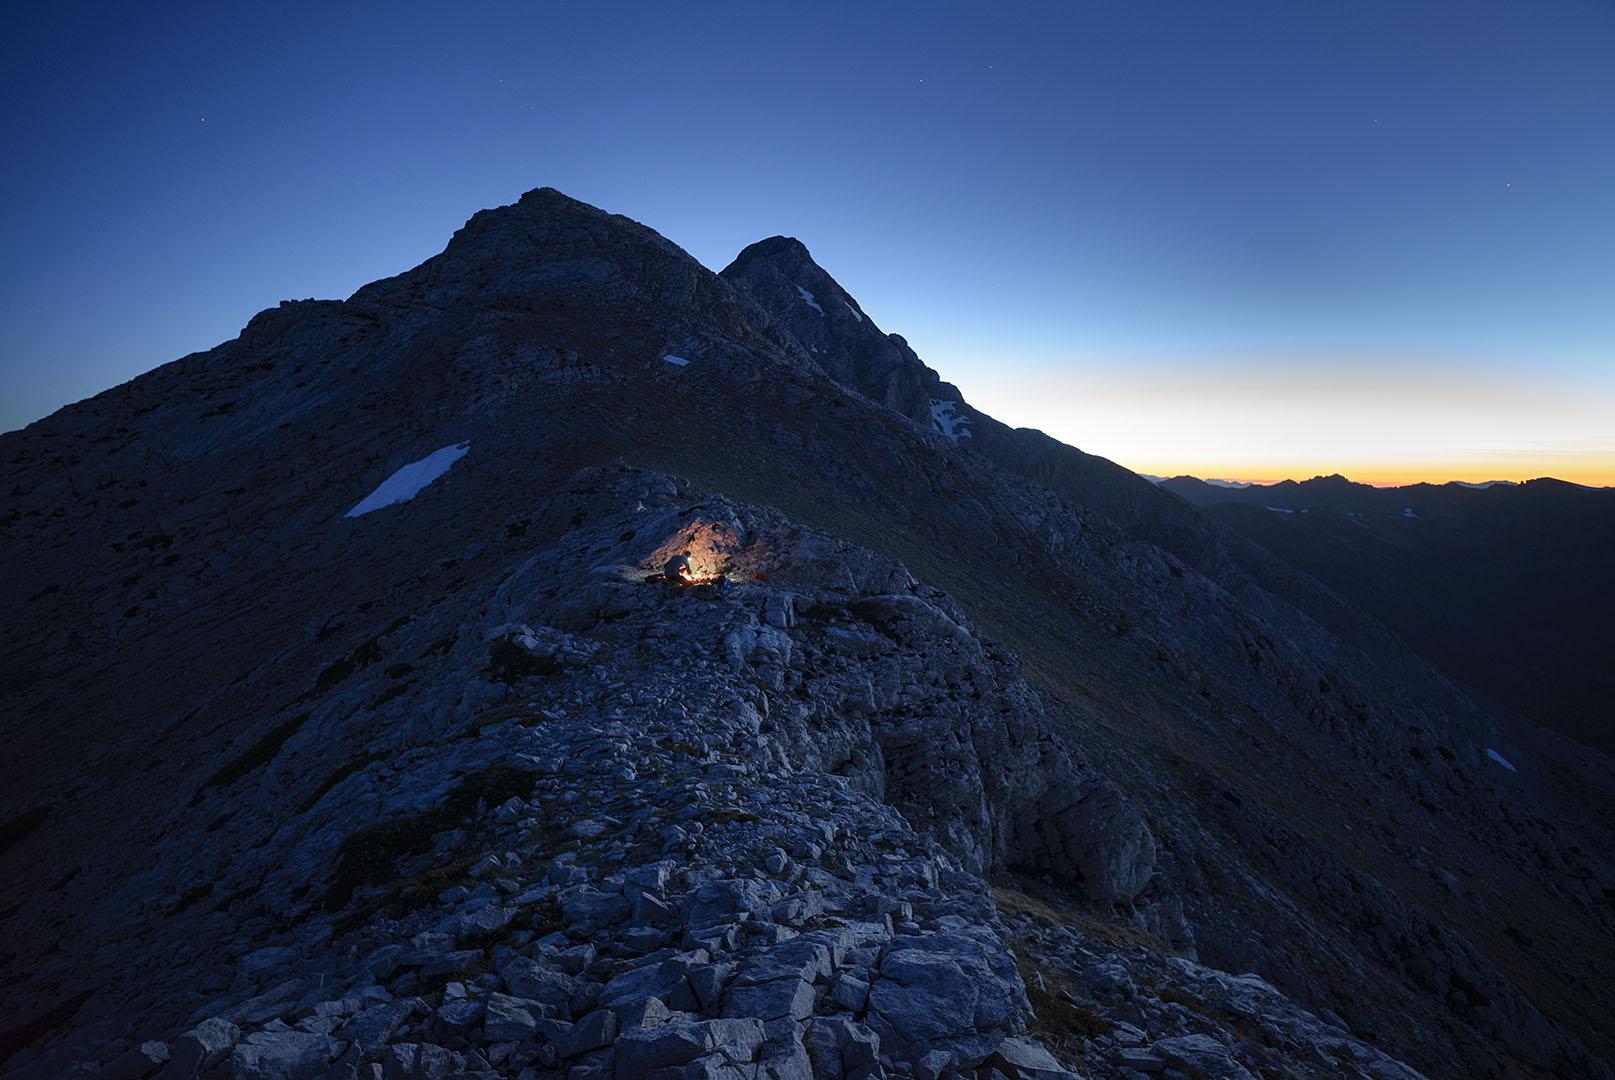 Buscando cobijo - Deportes y aventuras - Iñaki Larrea, Fotografía de naturaleza y montaña